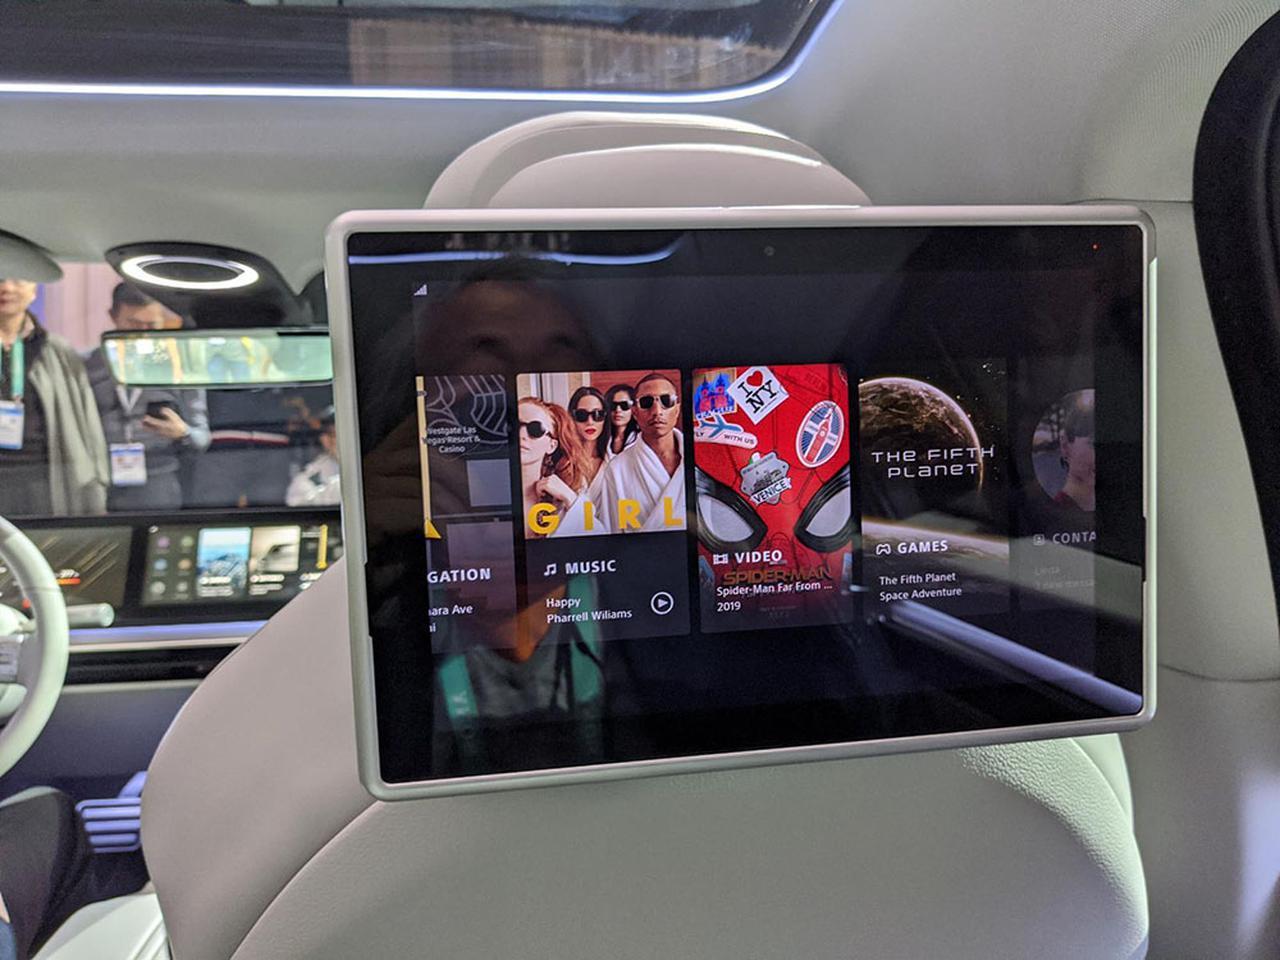 画像4: 【麻倉怜士のCES2020レポート02】これが超話題のソニーのニューカー「VISION-S(ビジョン エス)」だ。その、ディテイルをご覧にいれます